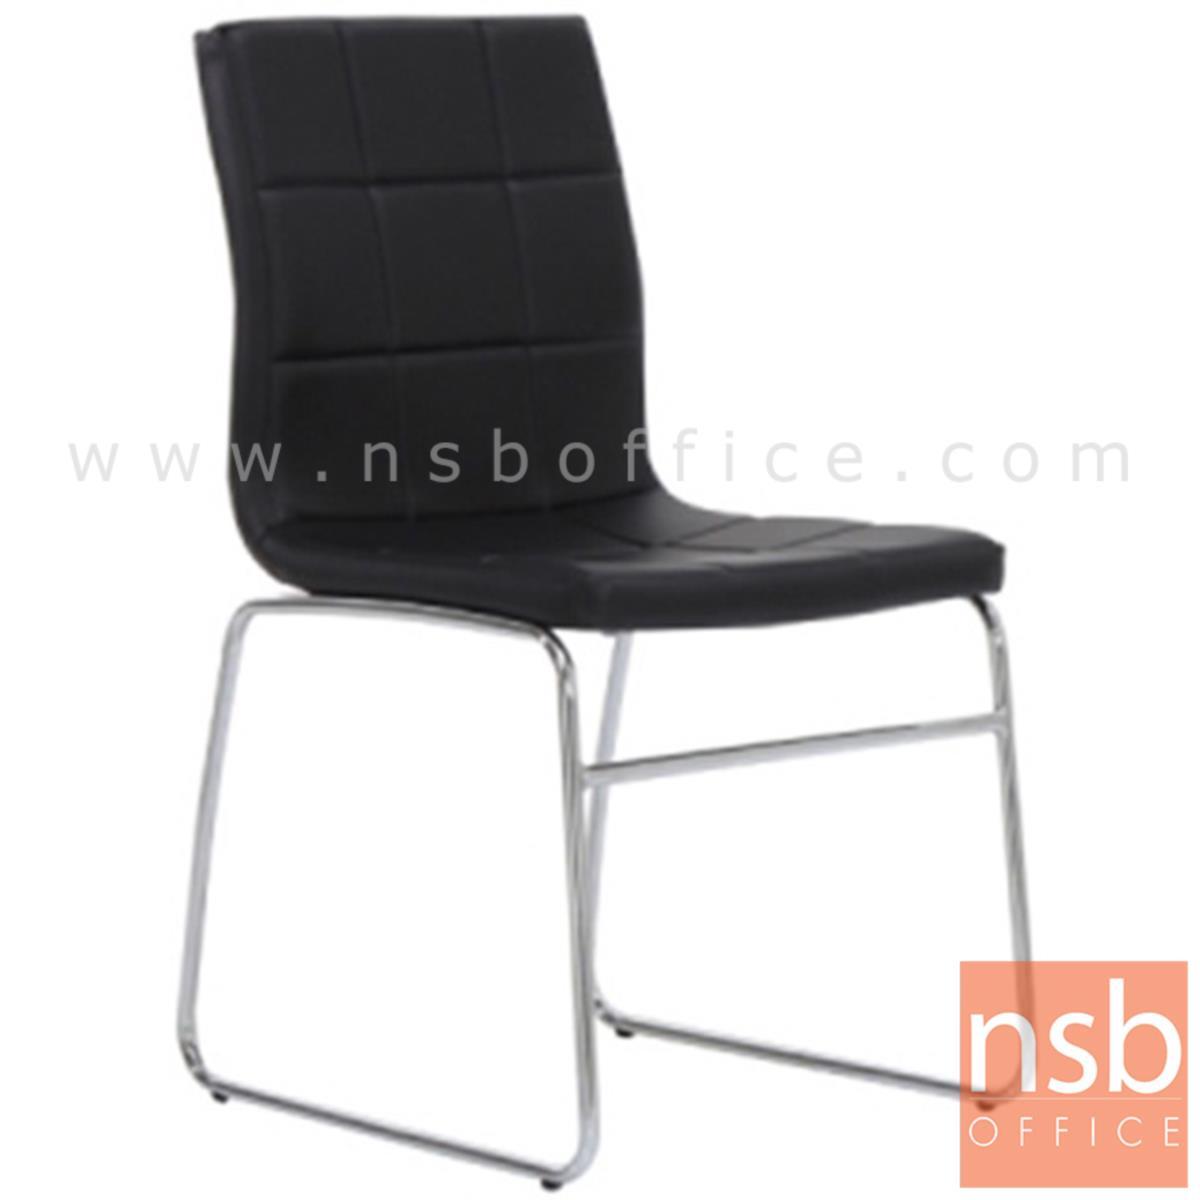 B08A053:เก้าอี้รับแขกขาตัวยู รุ่น Ginnette (กินเนต)  ขาเหล็กชุบโครเมี่ยม